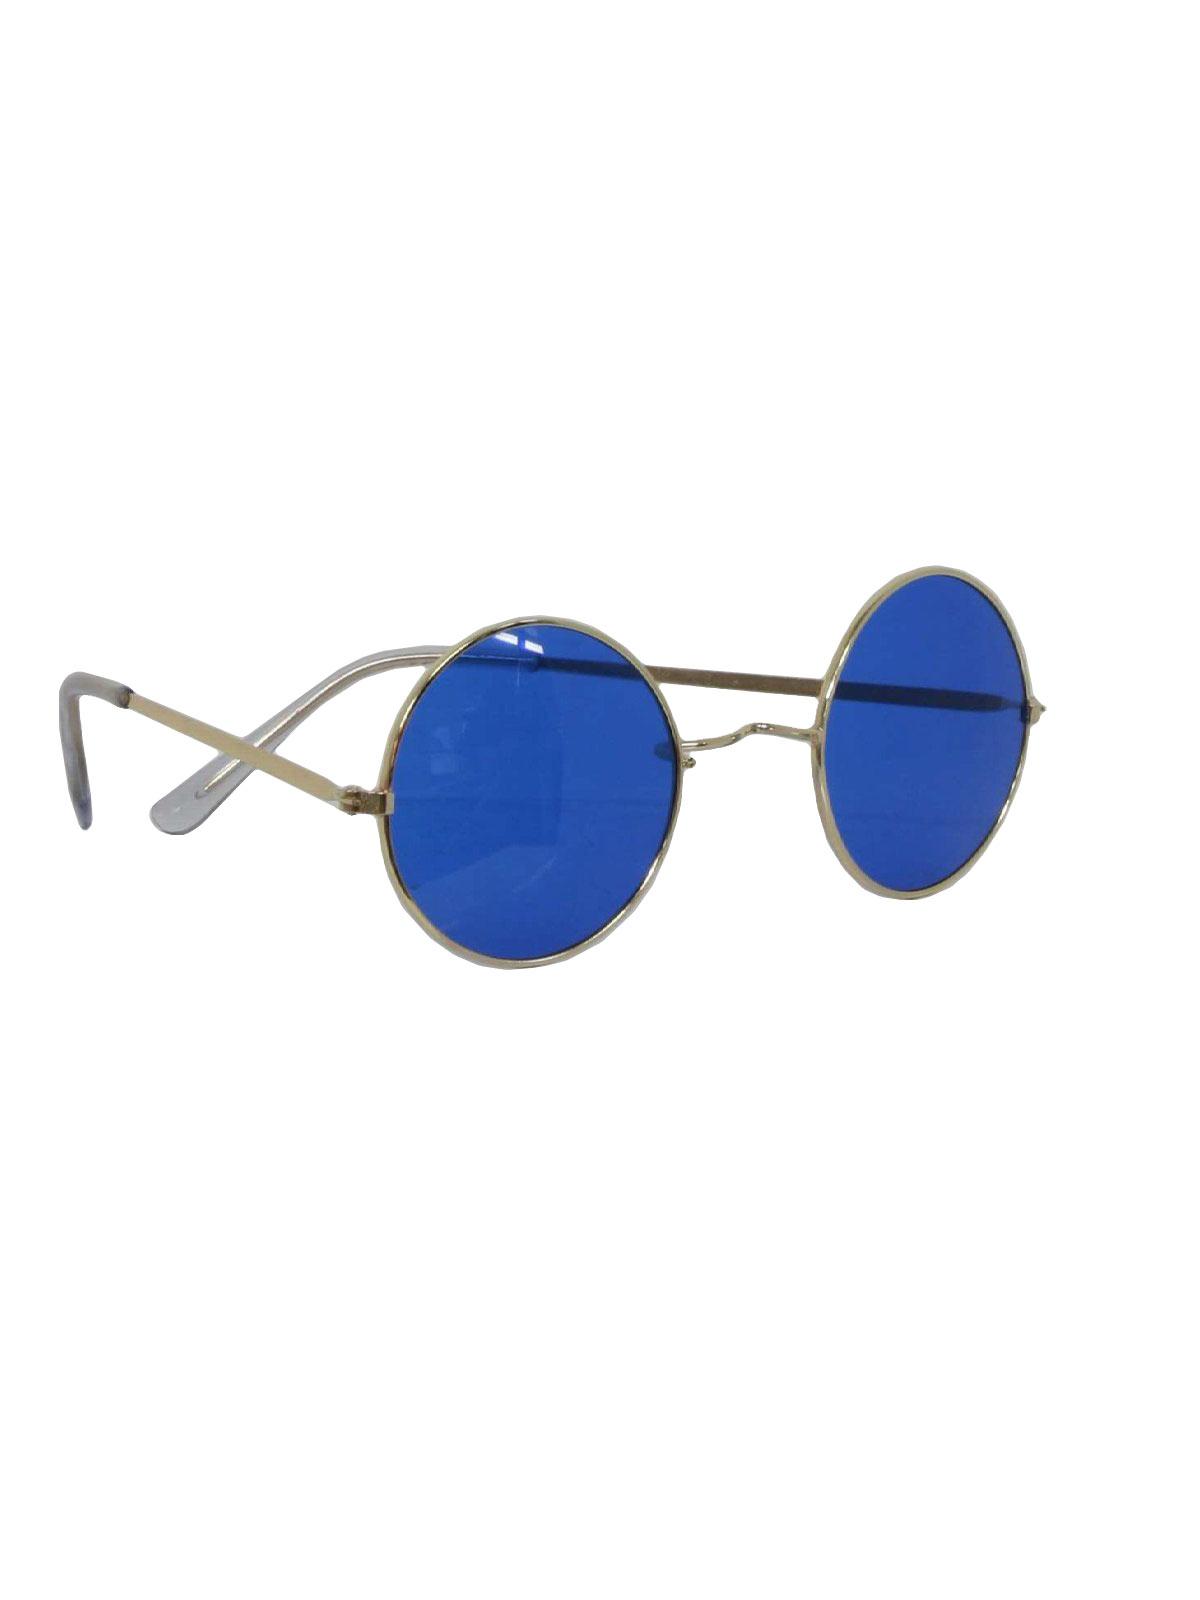 Gold Frame John Lennon Glasses : 70s Vintage Round Hippie Glasses Glasses: 70s style (made ...